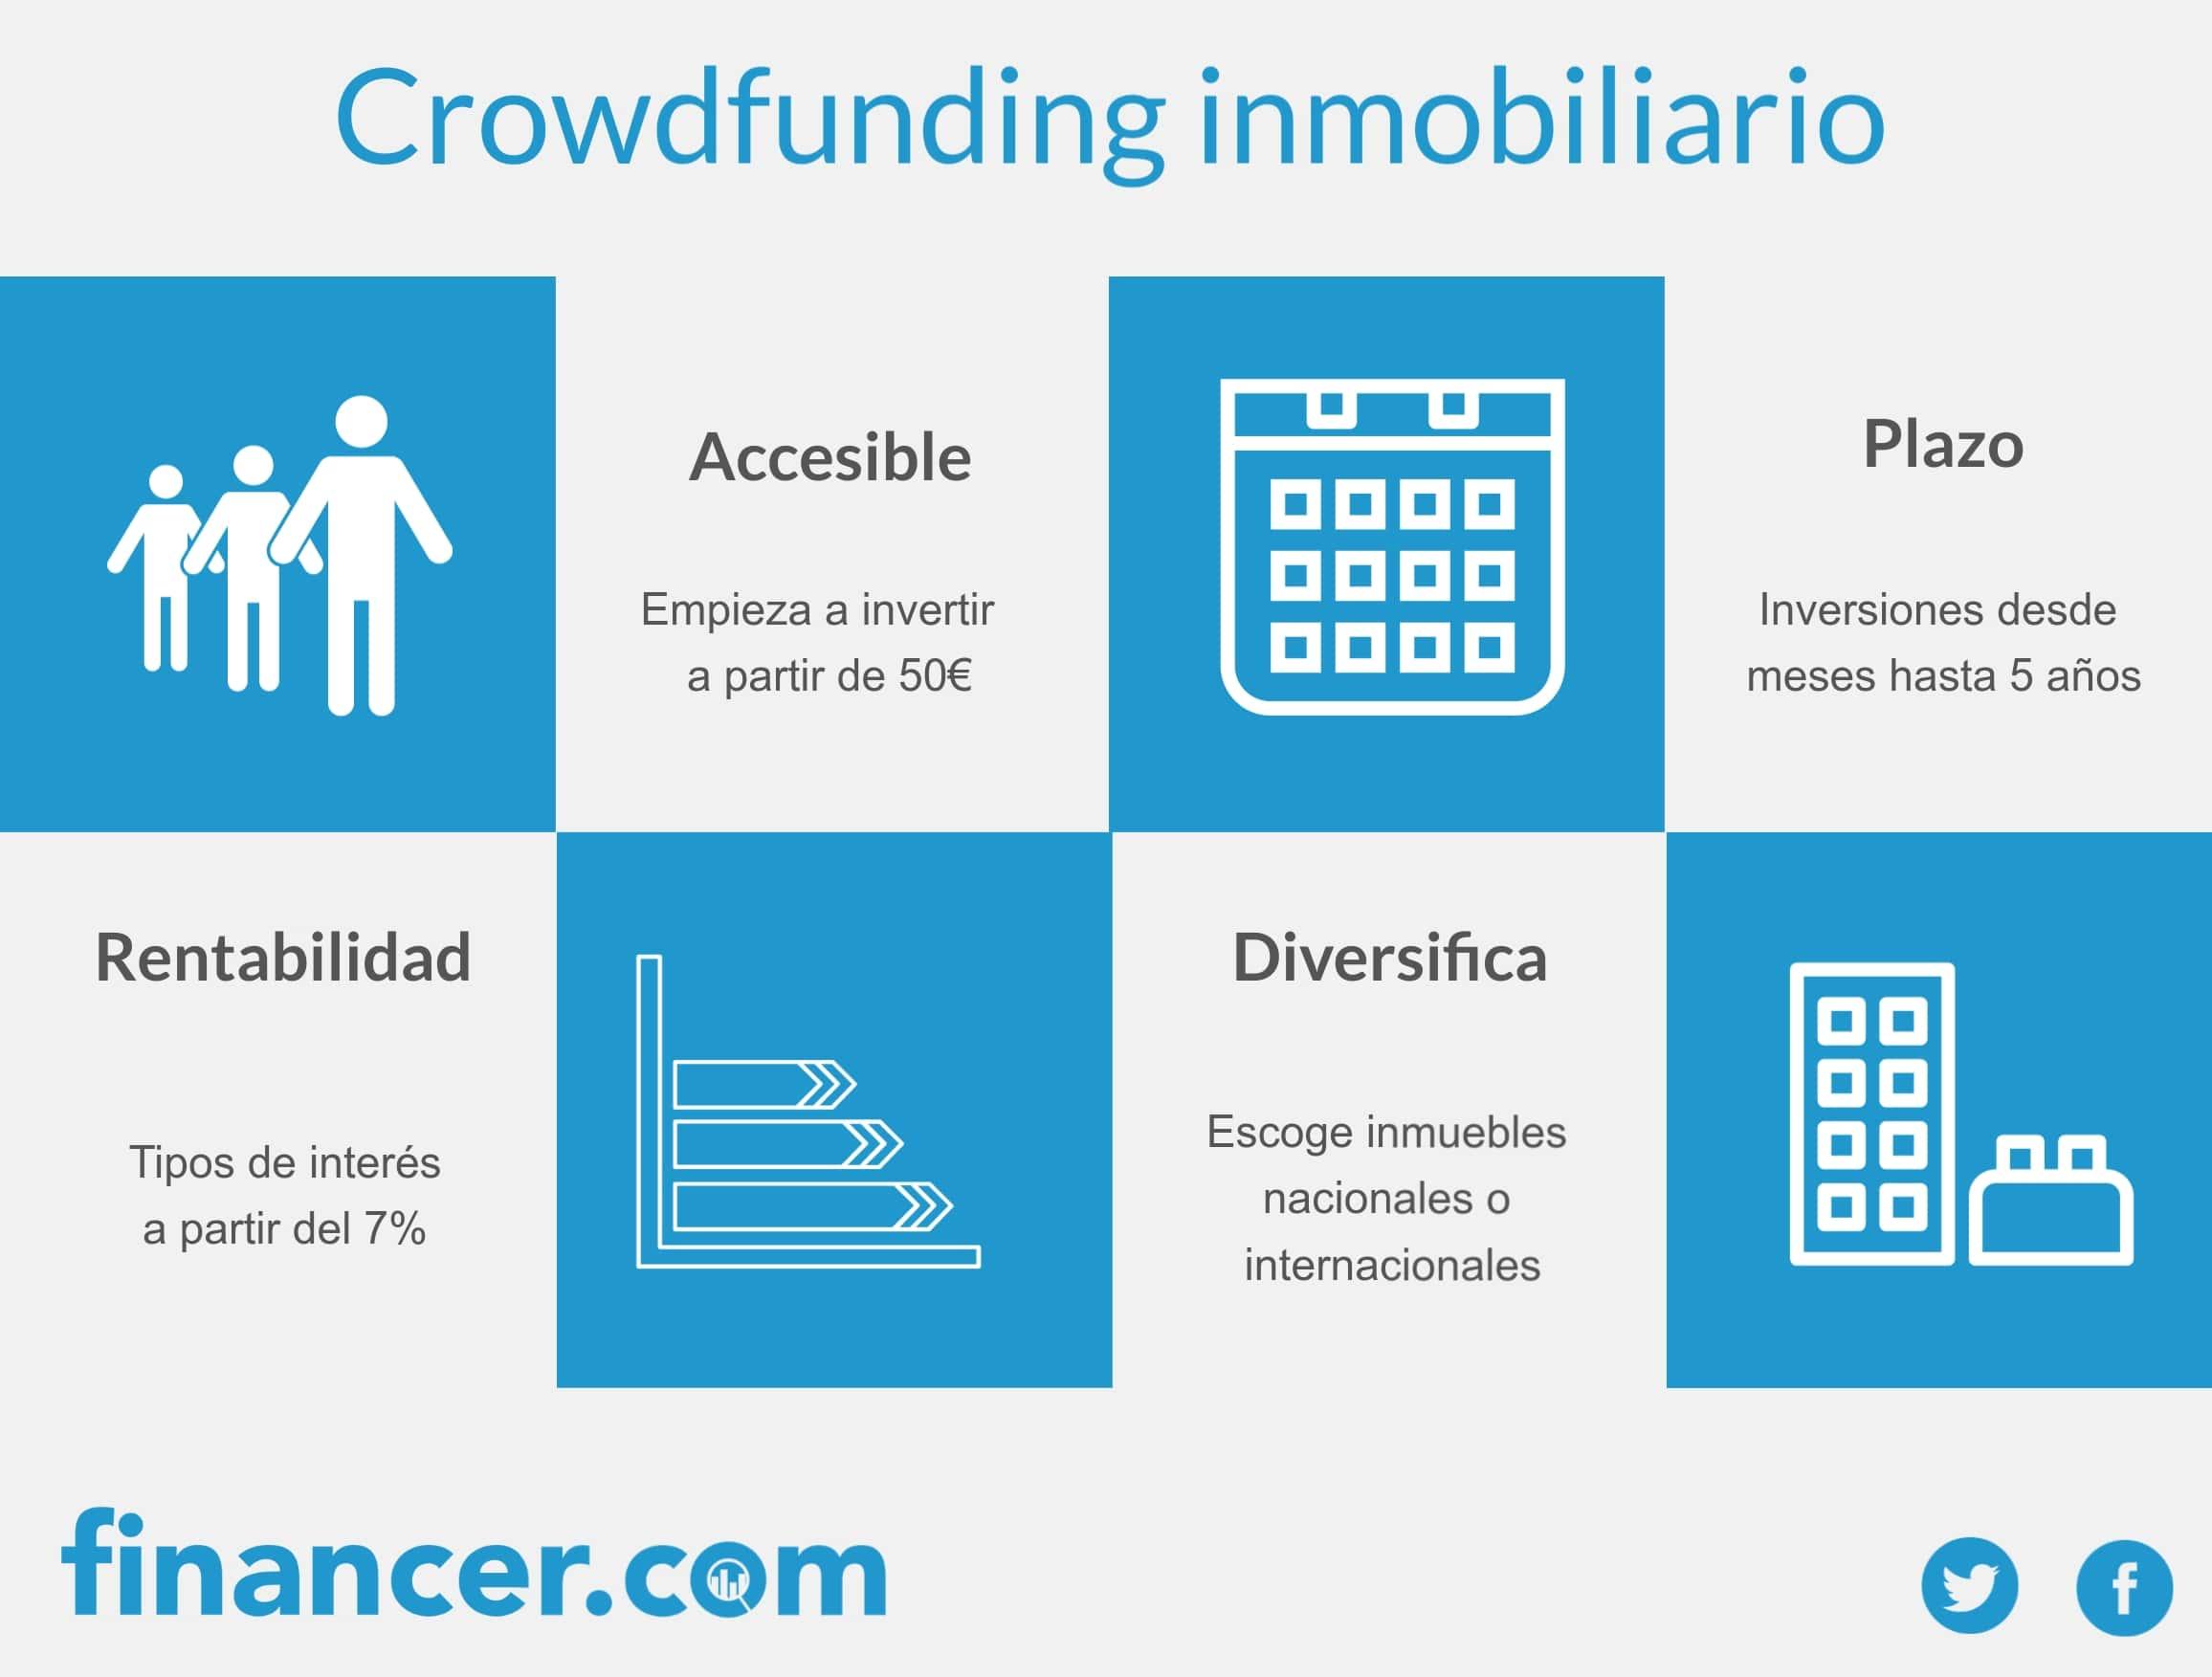 crowdfunding inmobiliario que es y como funciona